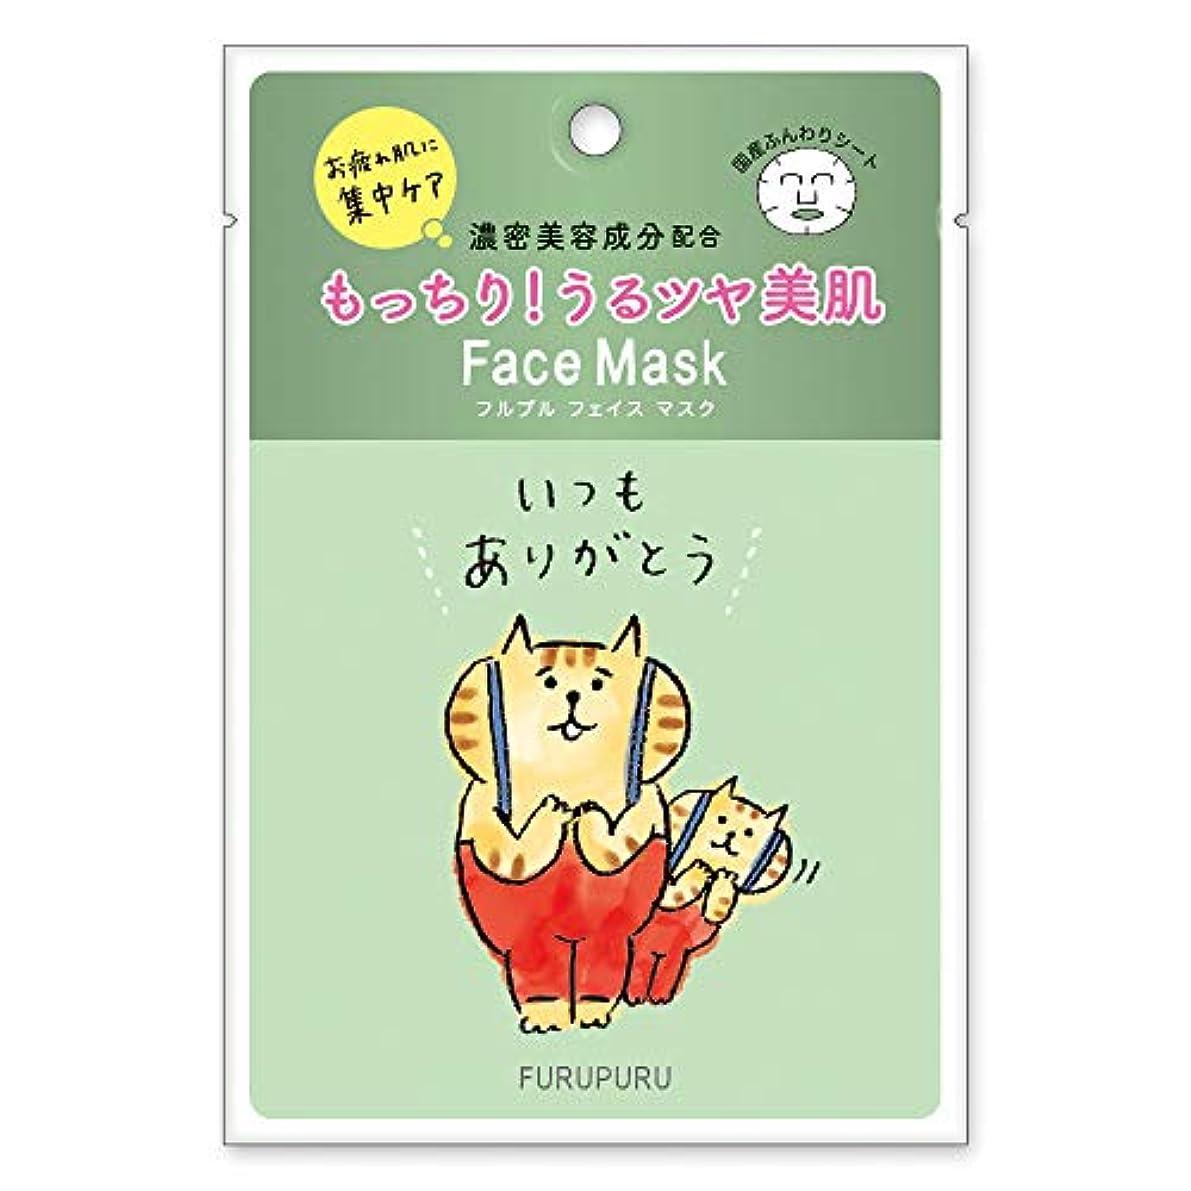 保険ホールド翻訳者フルプルフェイスマスク ごろごろにゃんすけ ありがとう やさしく香る天然ローズの香り 30g